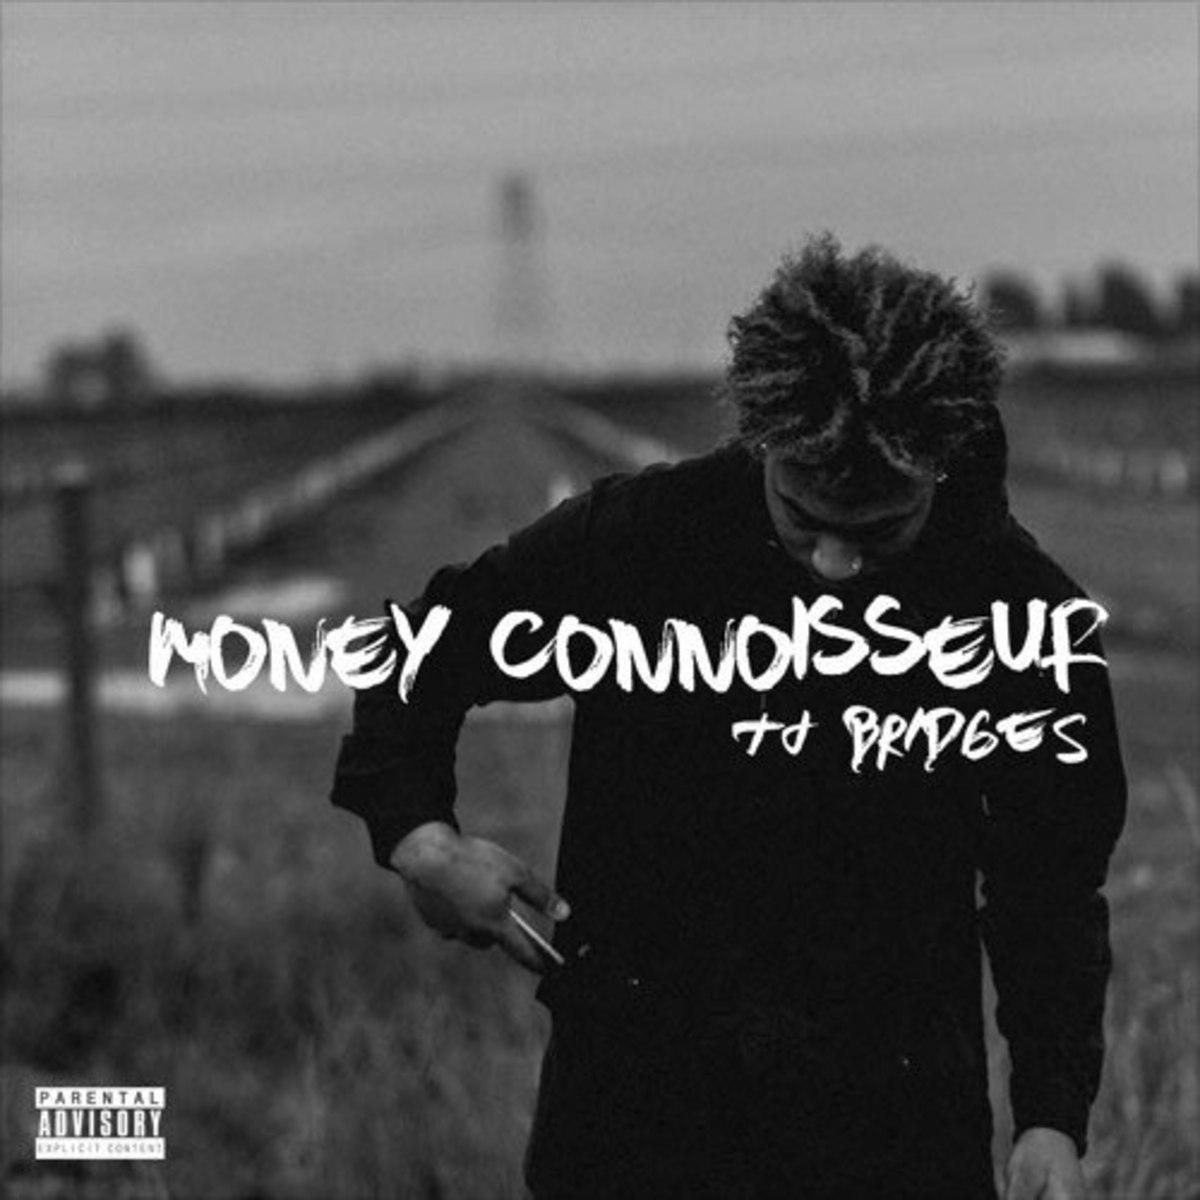 tj-bridges-money-connoisseur.jpg